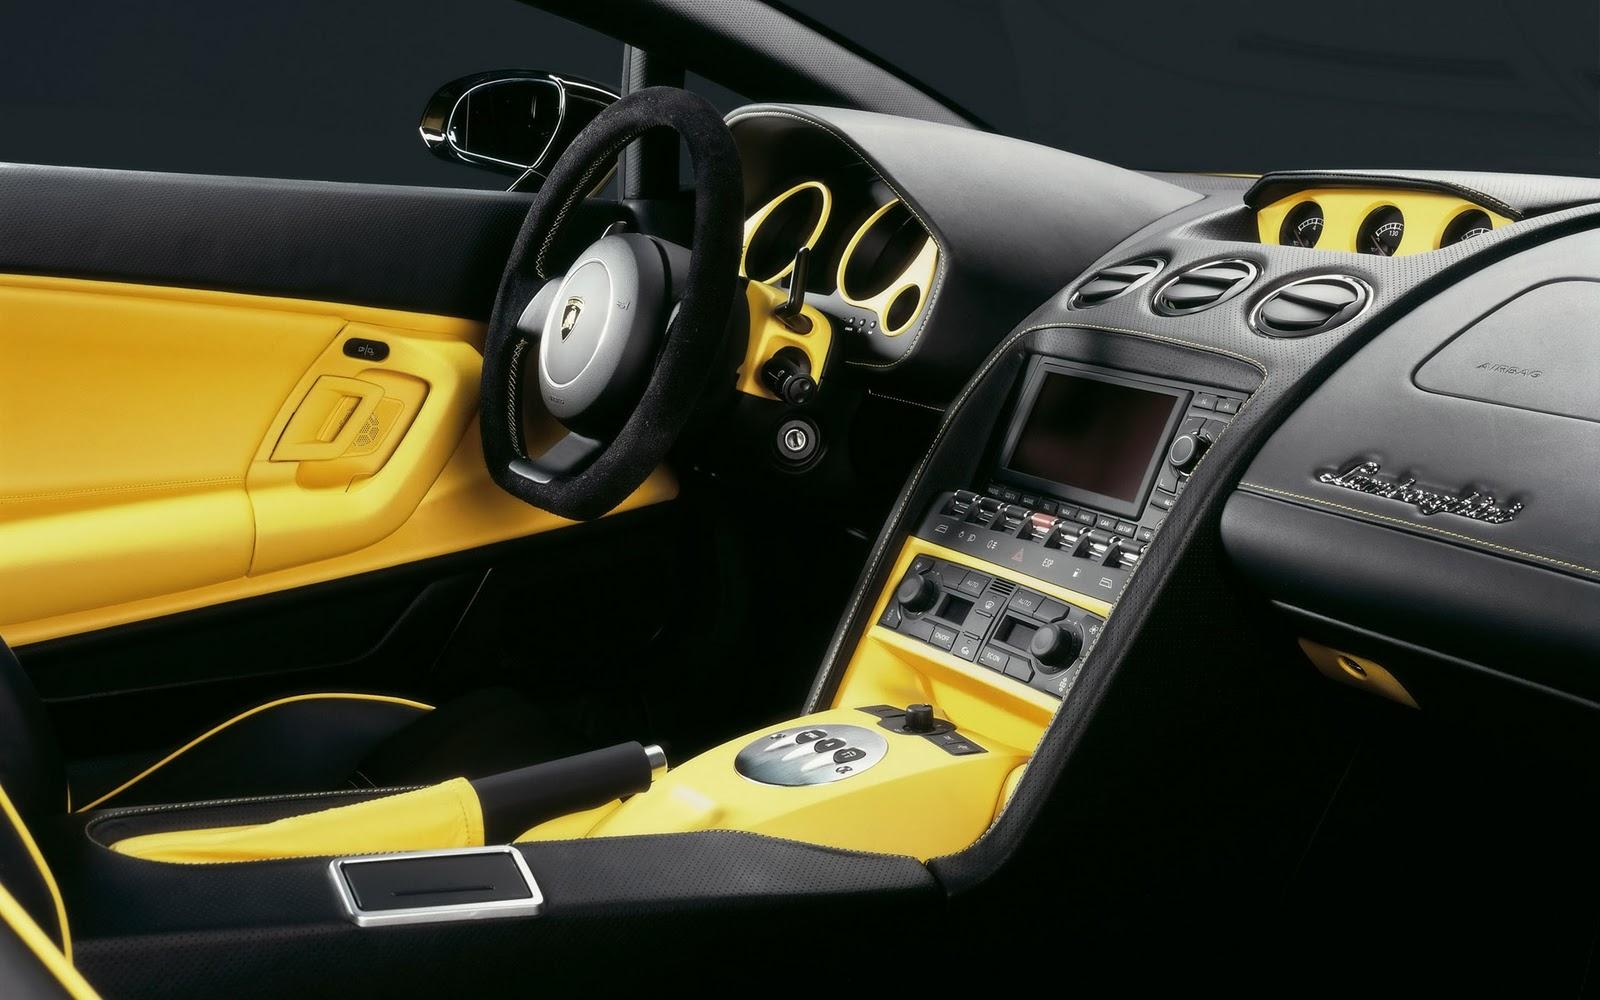 Lamborghini Car Interior Wallpaper HD